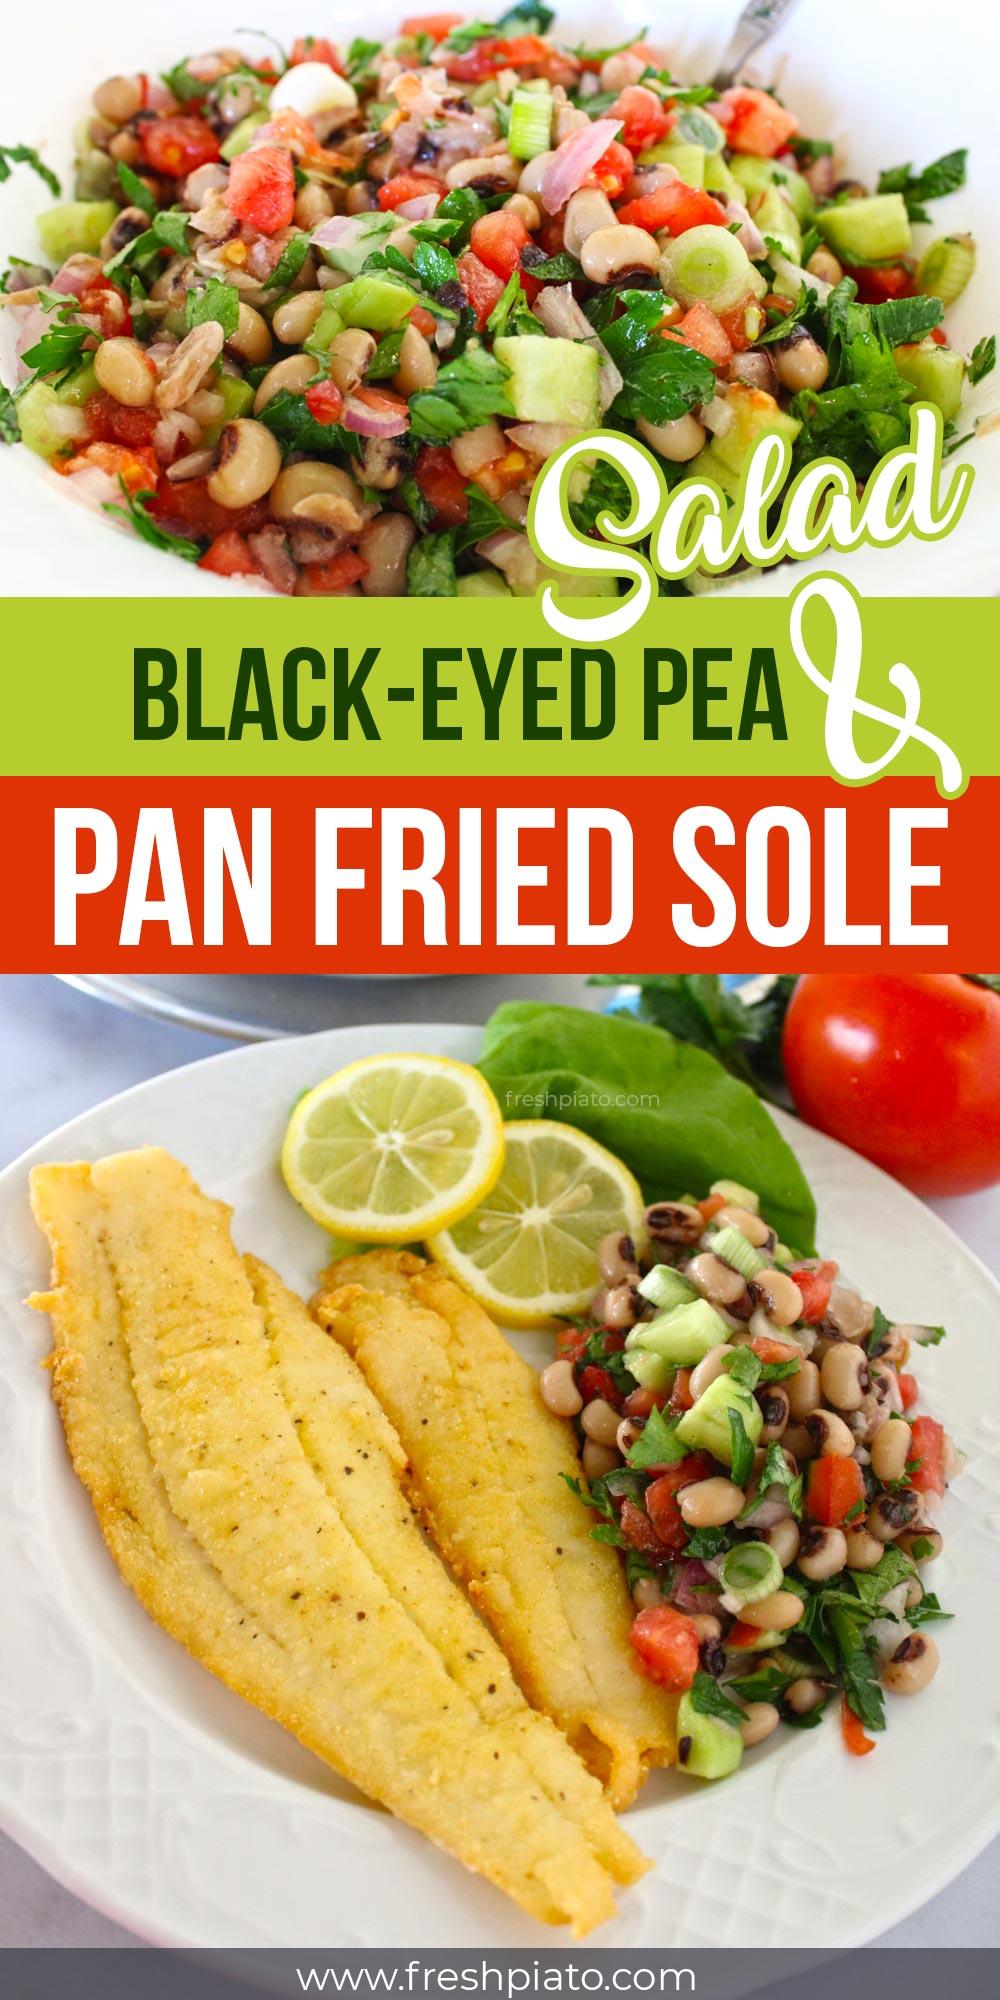 Pan fried Sole pin1